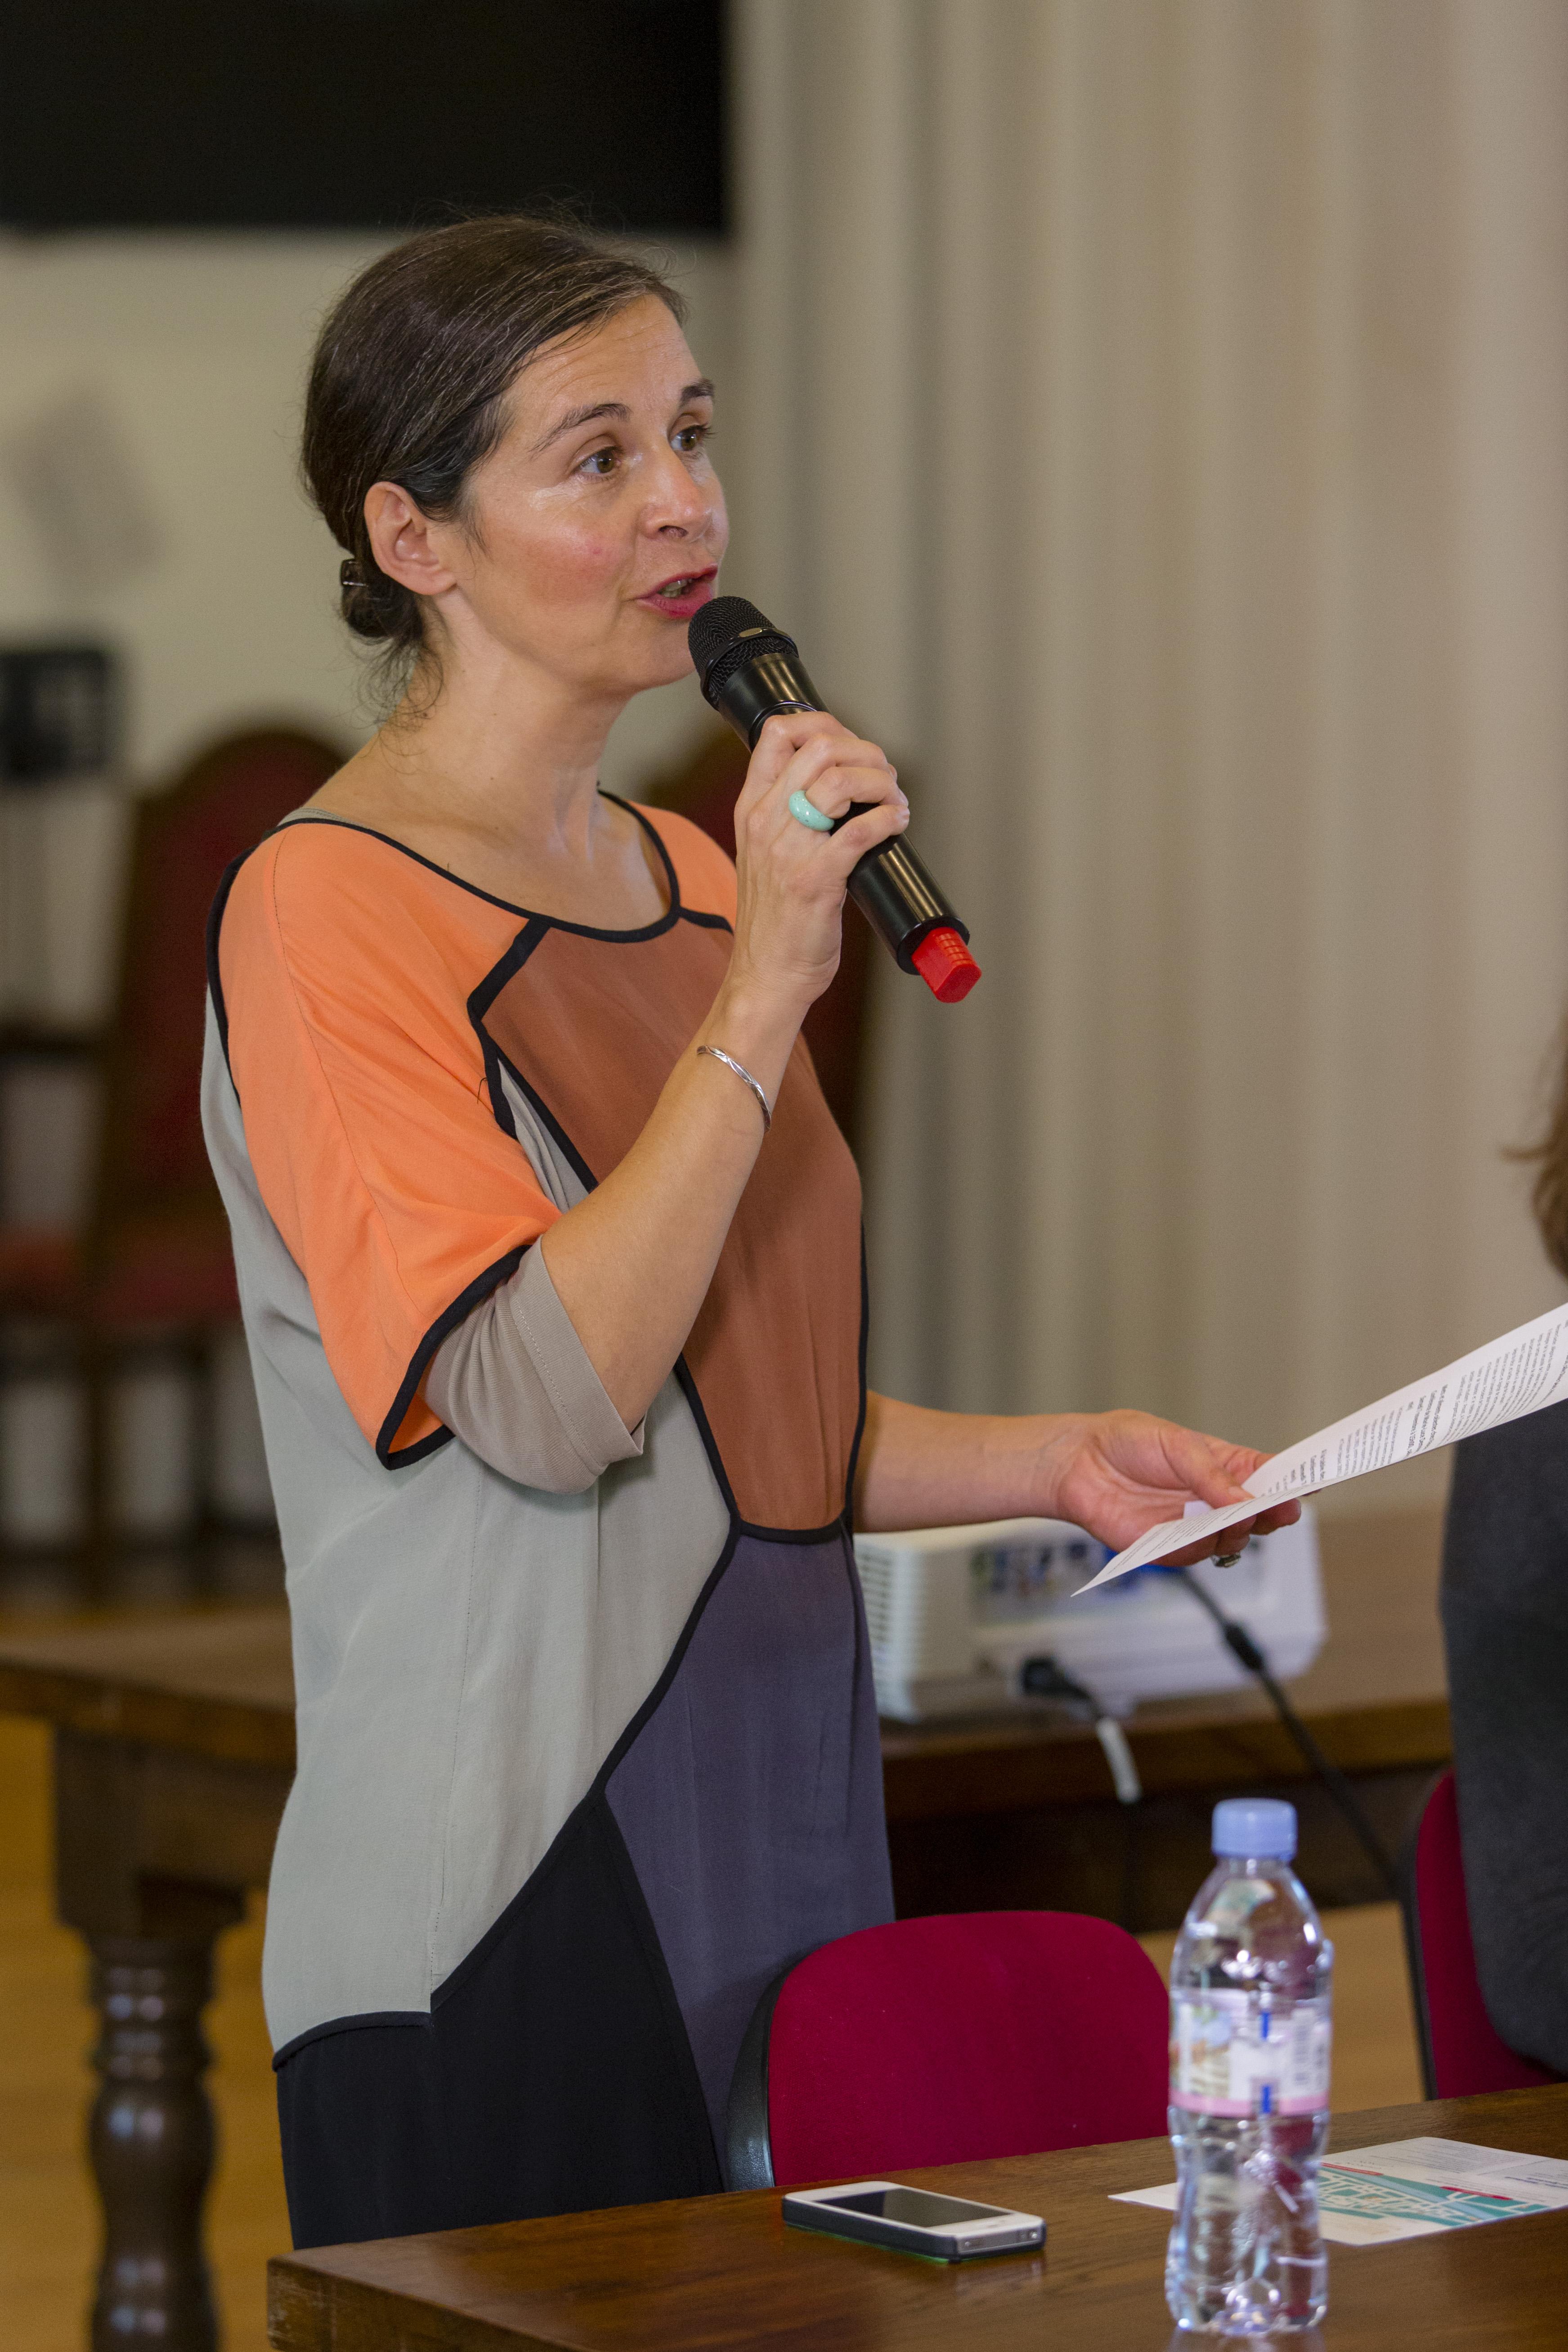 Mathilde Dutour présentation conférence 7 novembre 2015